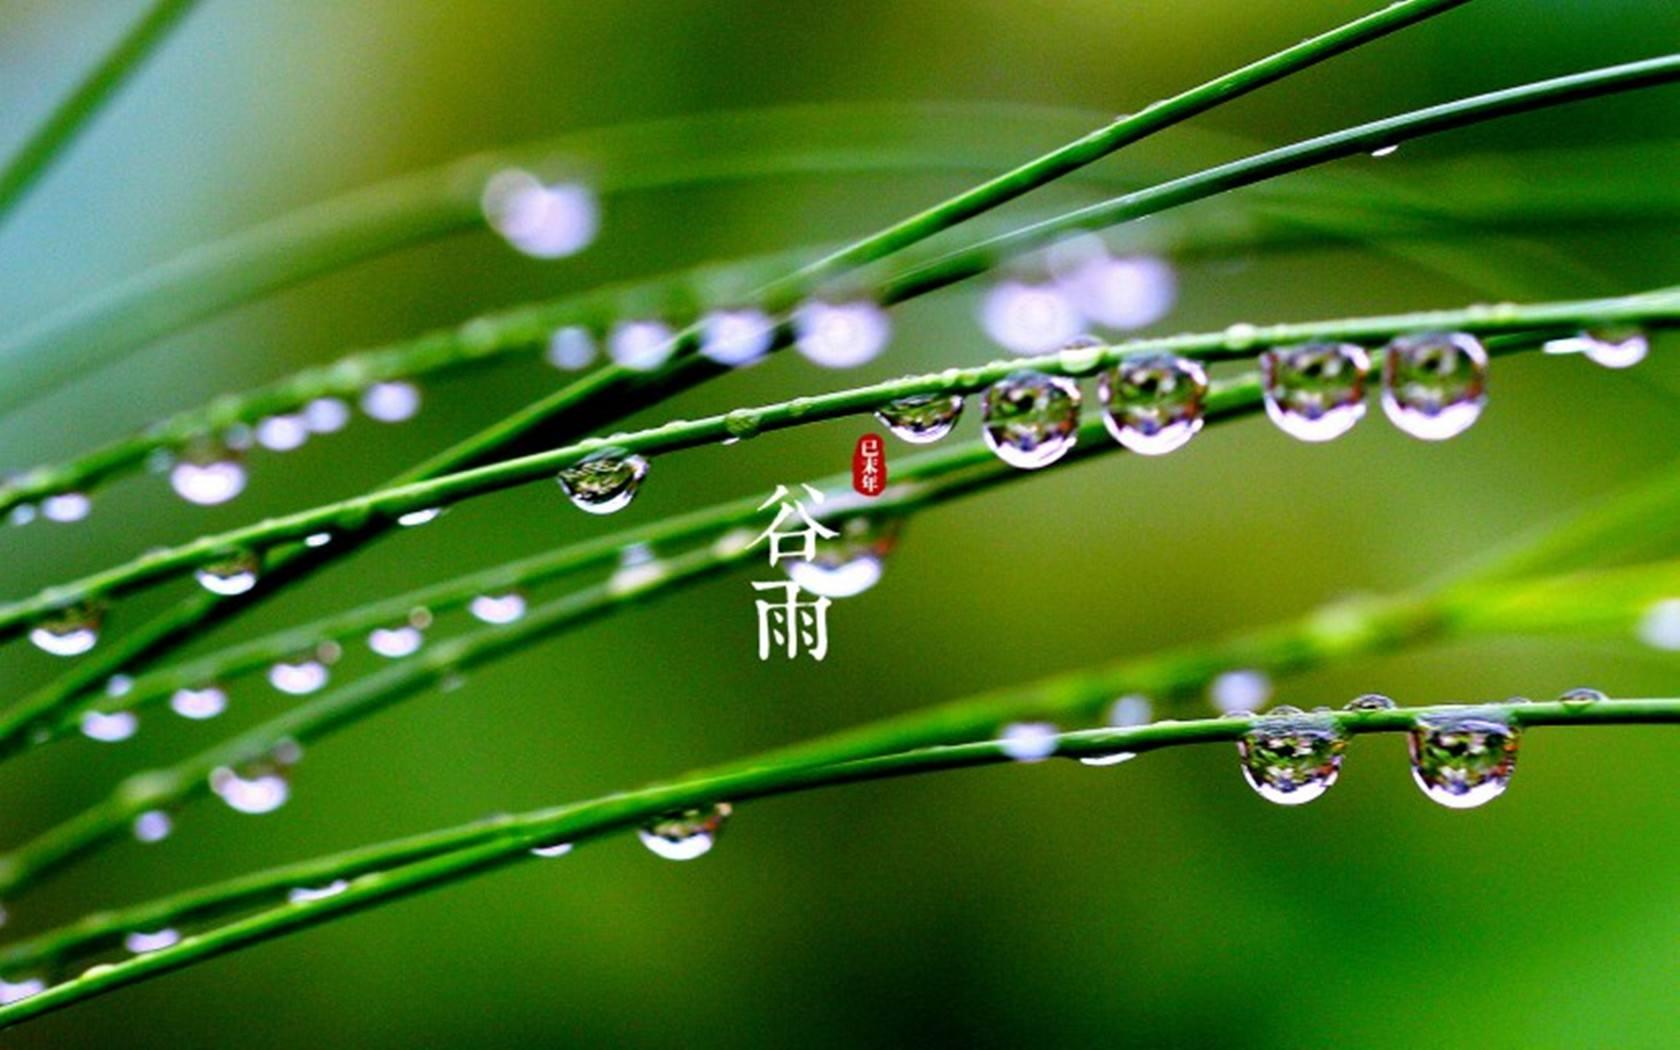 谷雨节气吃什么养生?这段时间应该注意什么?